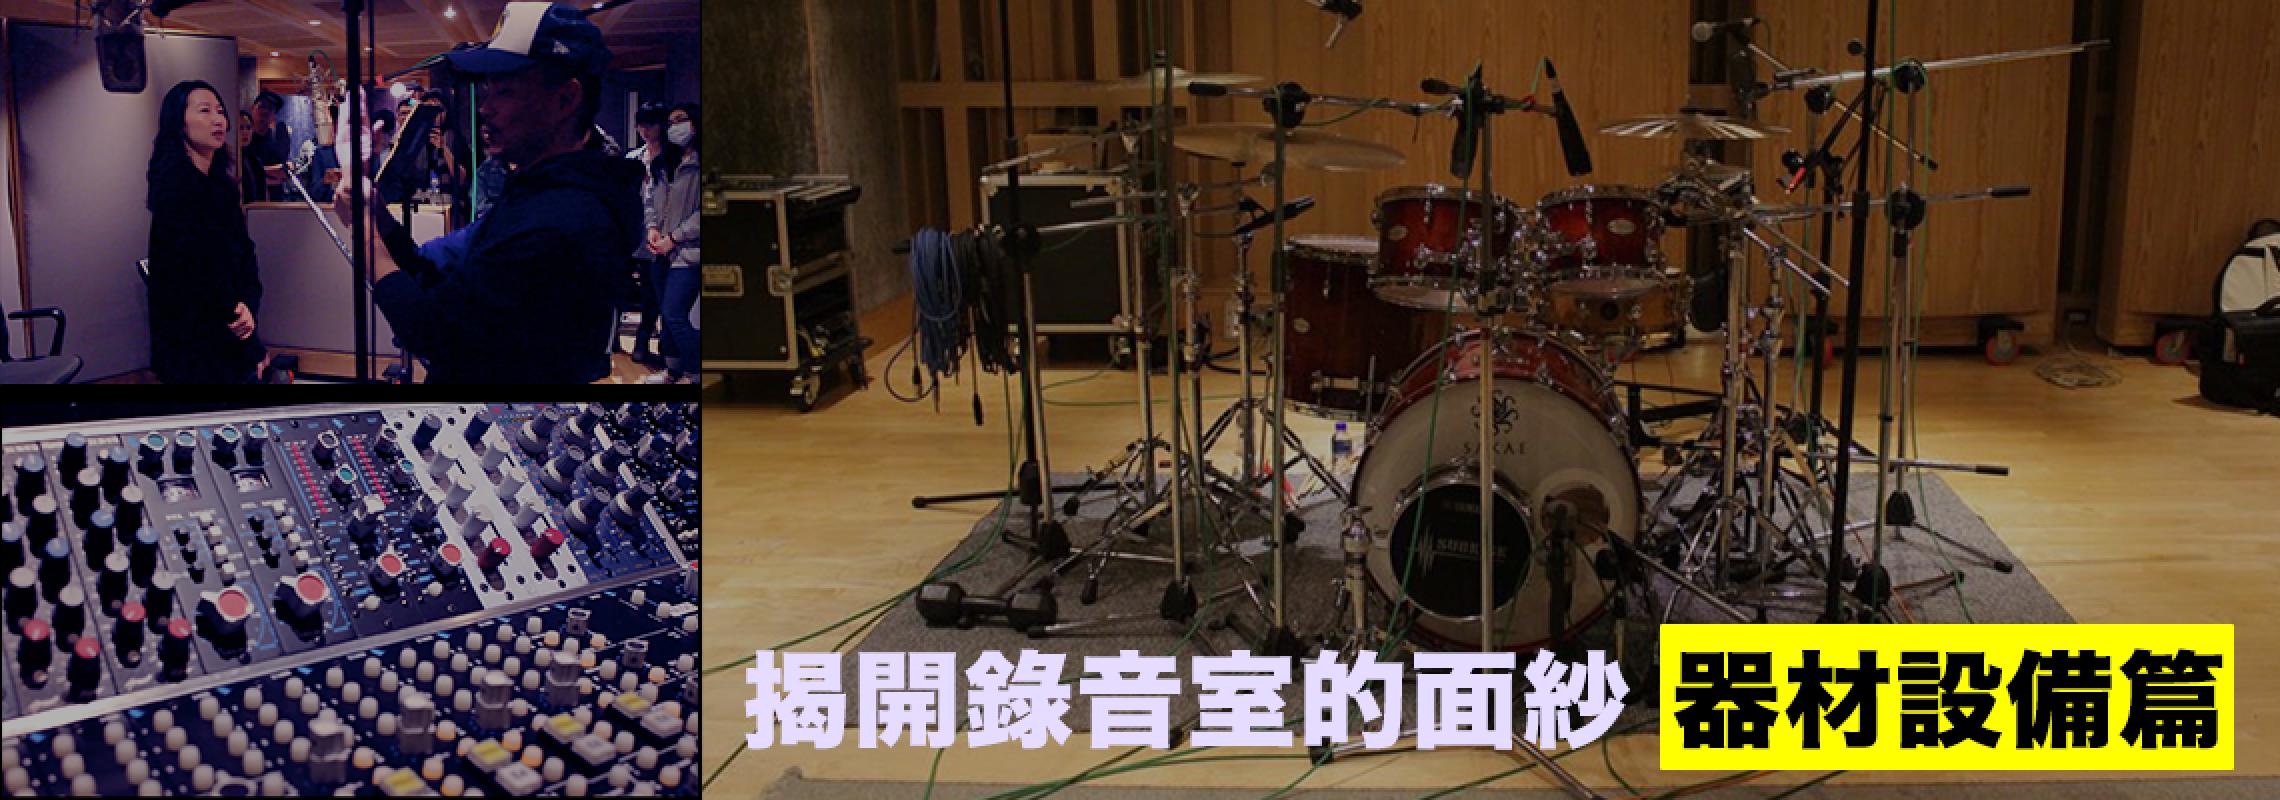 專業錄音室「專業」在哪裡?揭開錄音室的面紗 - 器材設備篇